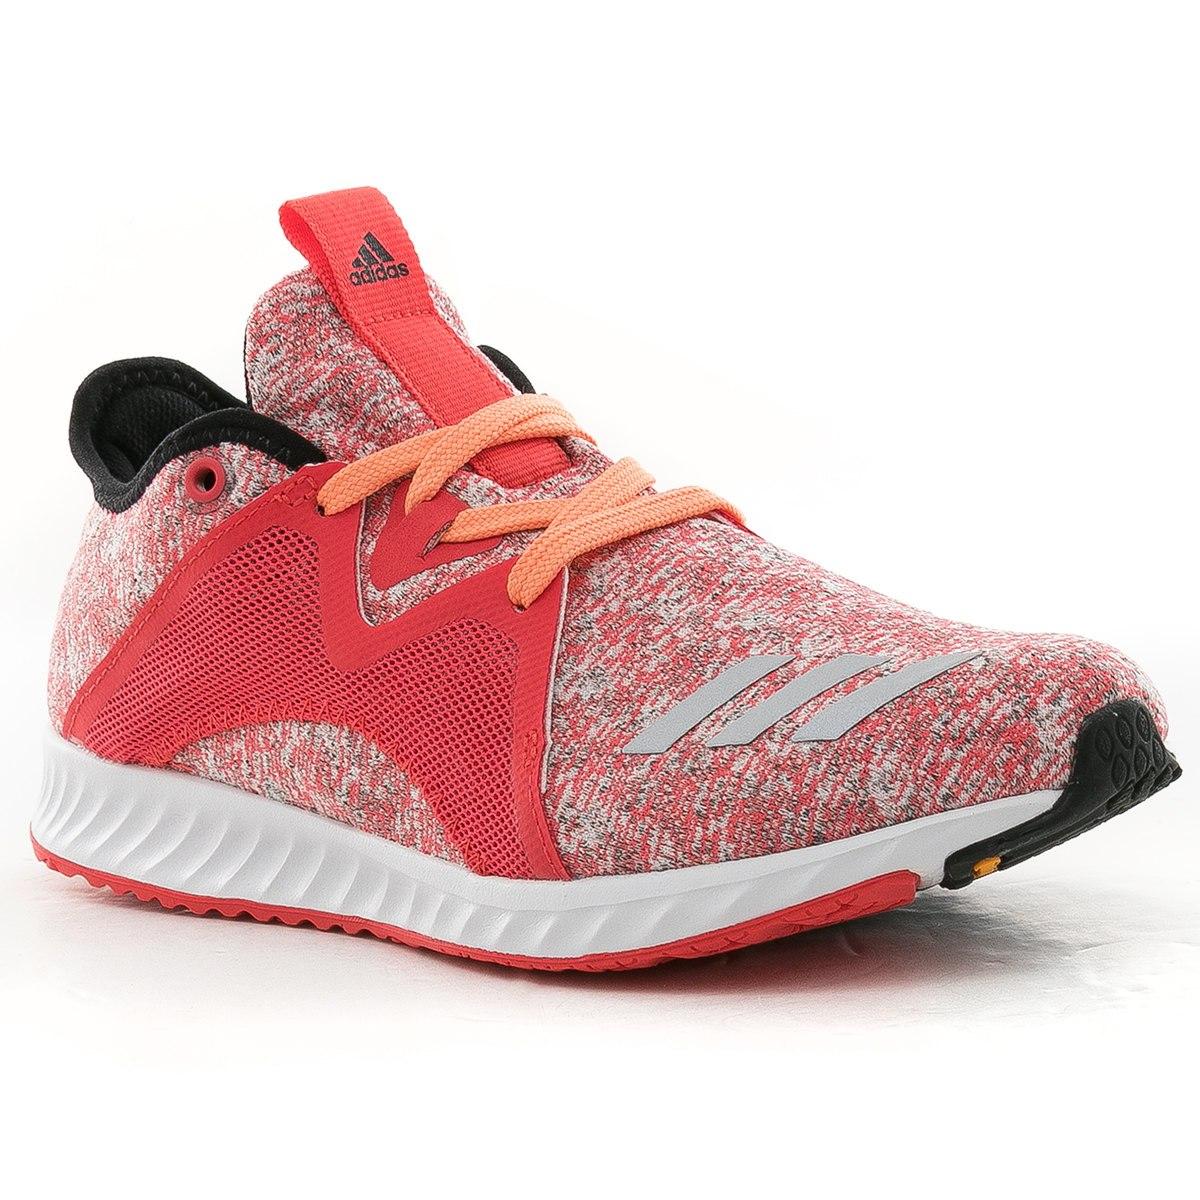 outlet store 0df58 b58df zapatillas edge lux 2.0 rojo adidas. Cargando zoom.